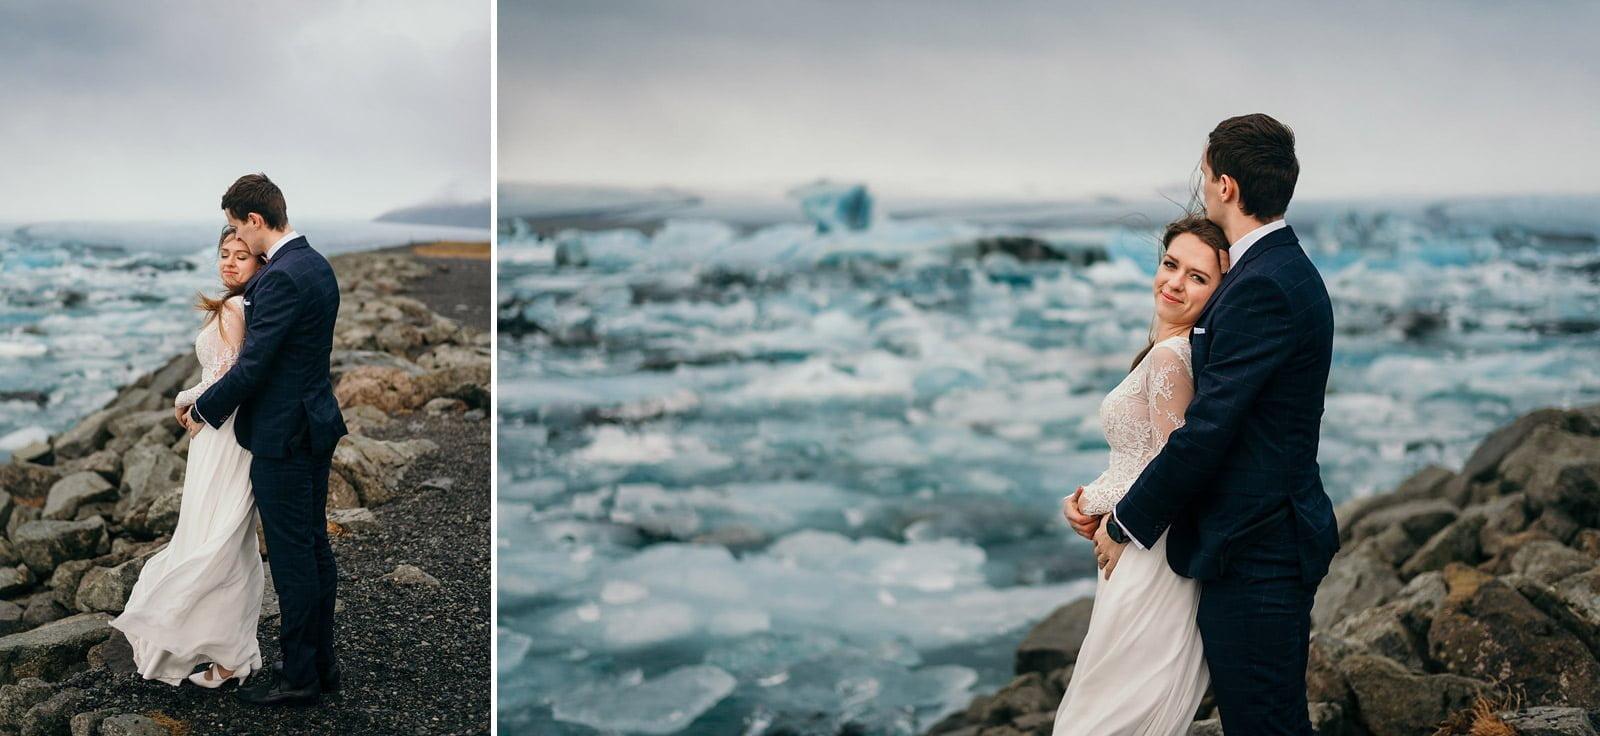 Sesja plenerowa na Islandii 11